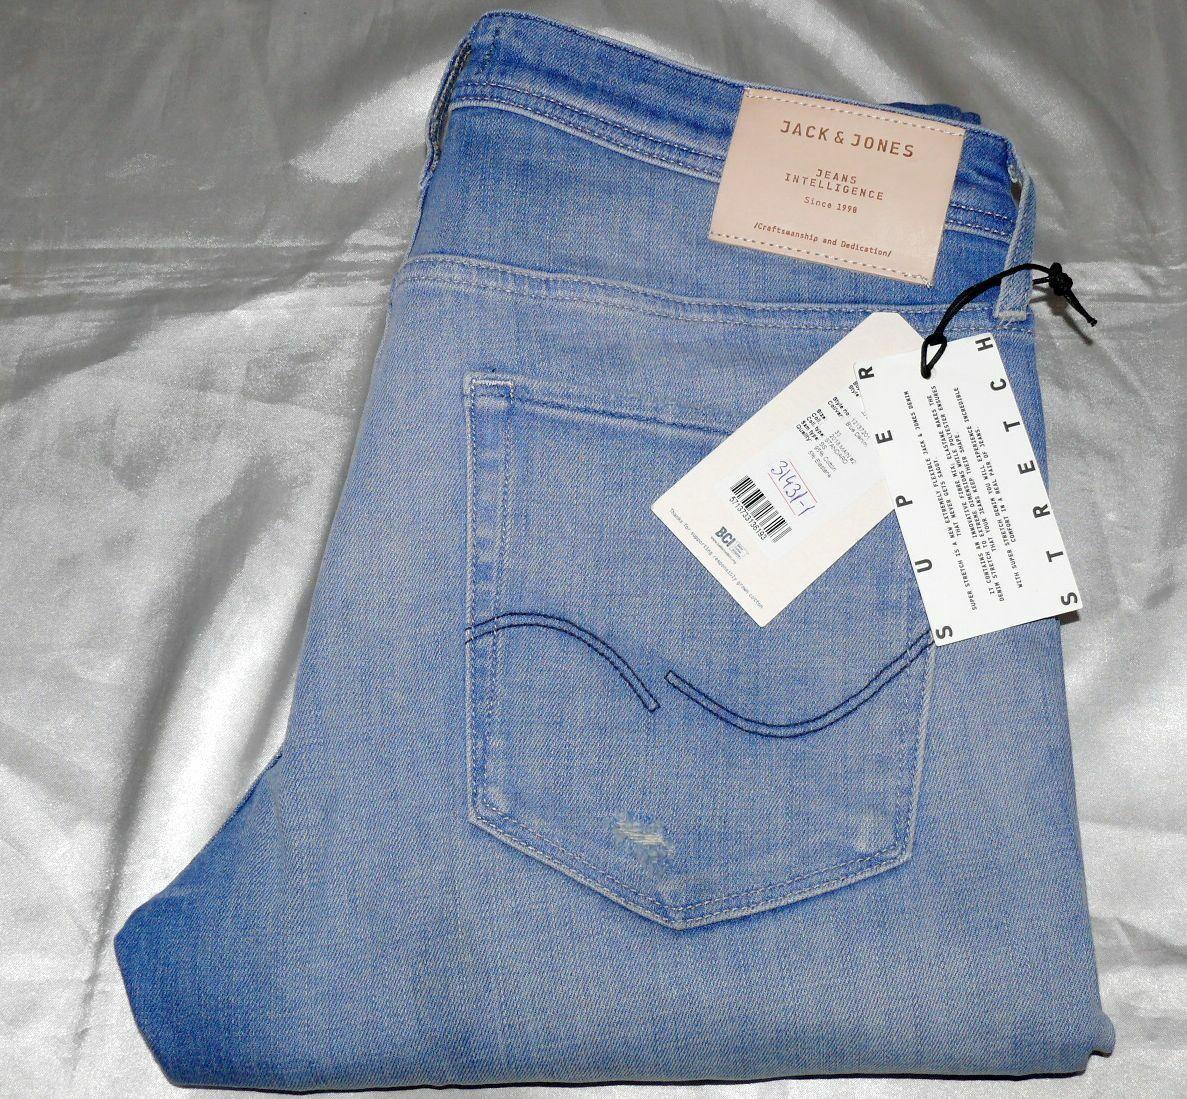 Jack & Jones Jones Jones Glenn Original J 042 SPS Slim Fit Herren Jeans Stretch W33 L32 Blau 1b83d0